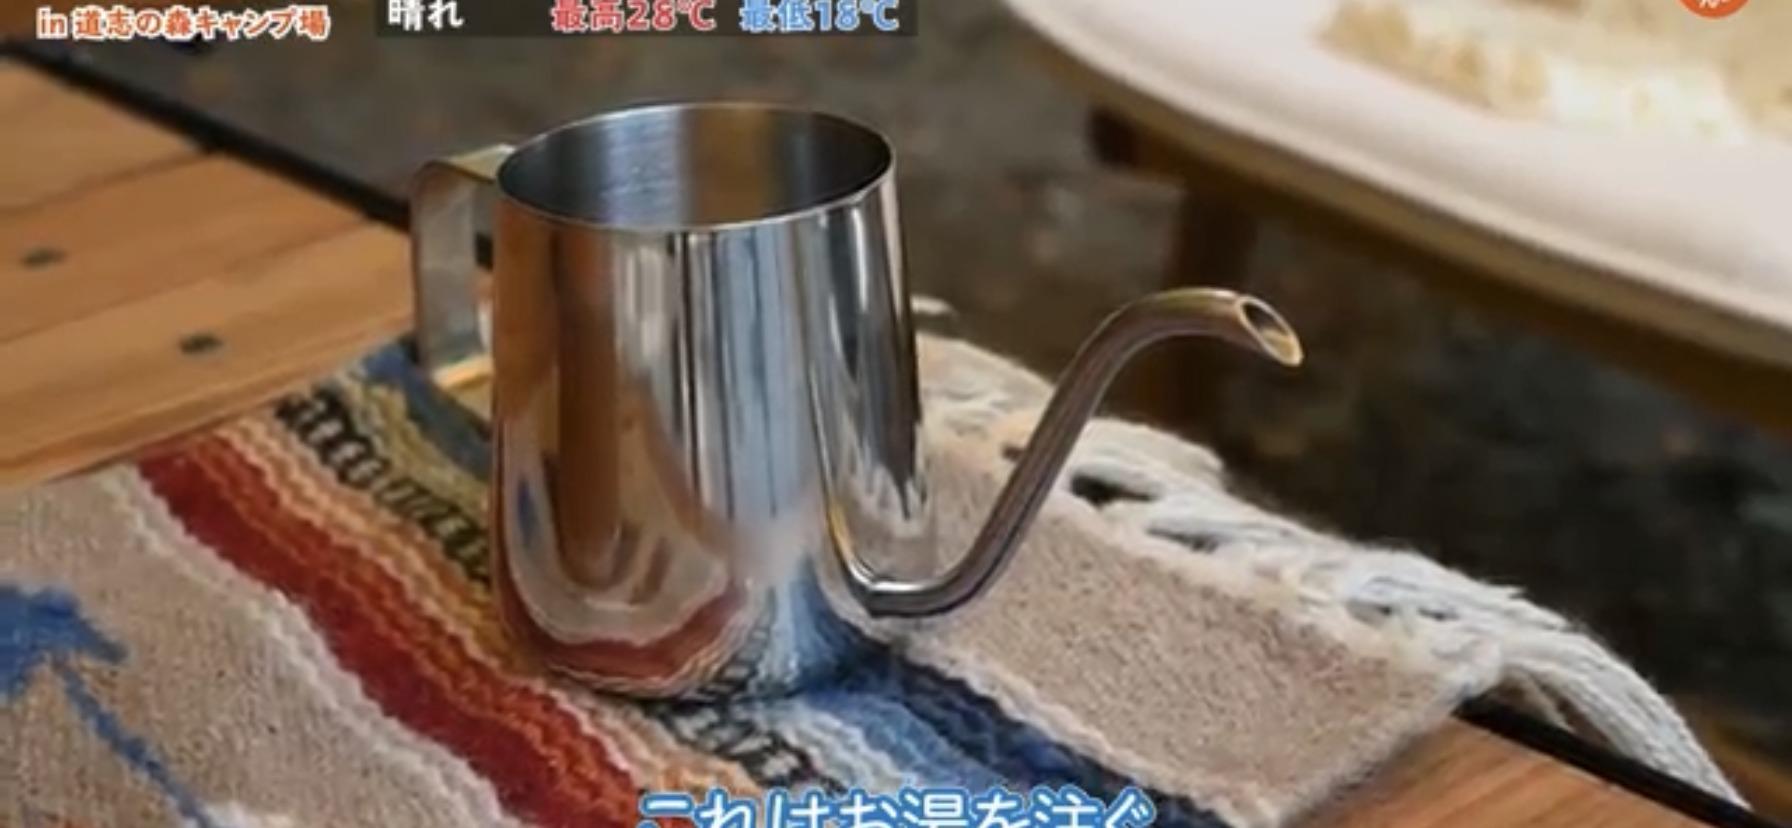 コーヒーミル:【キャプテンスタッグ(CAPTAIN STAG)】コーヒーミル UW-3501